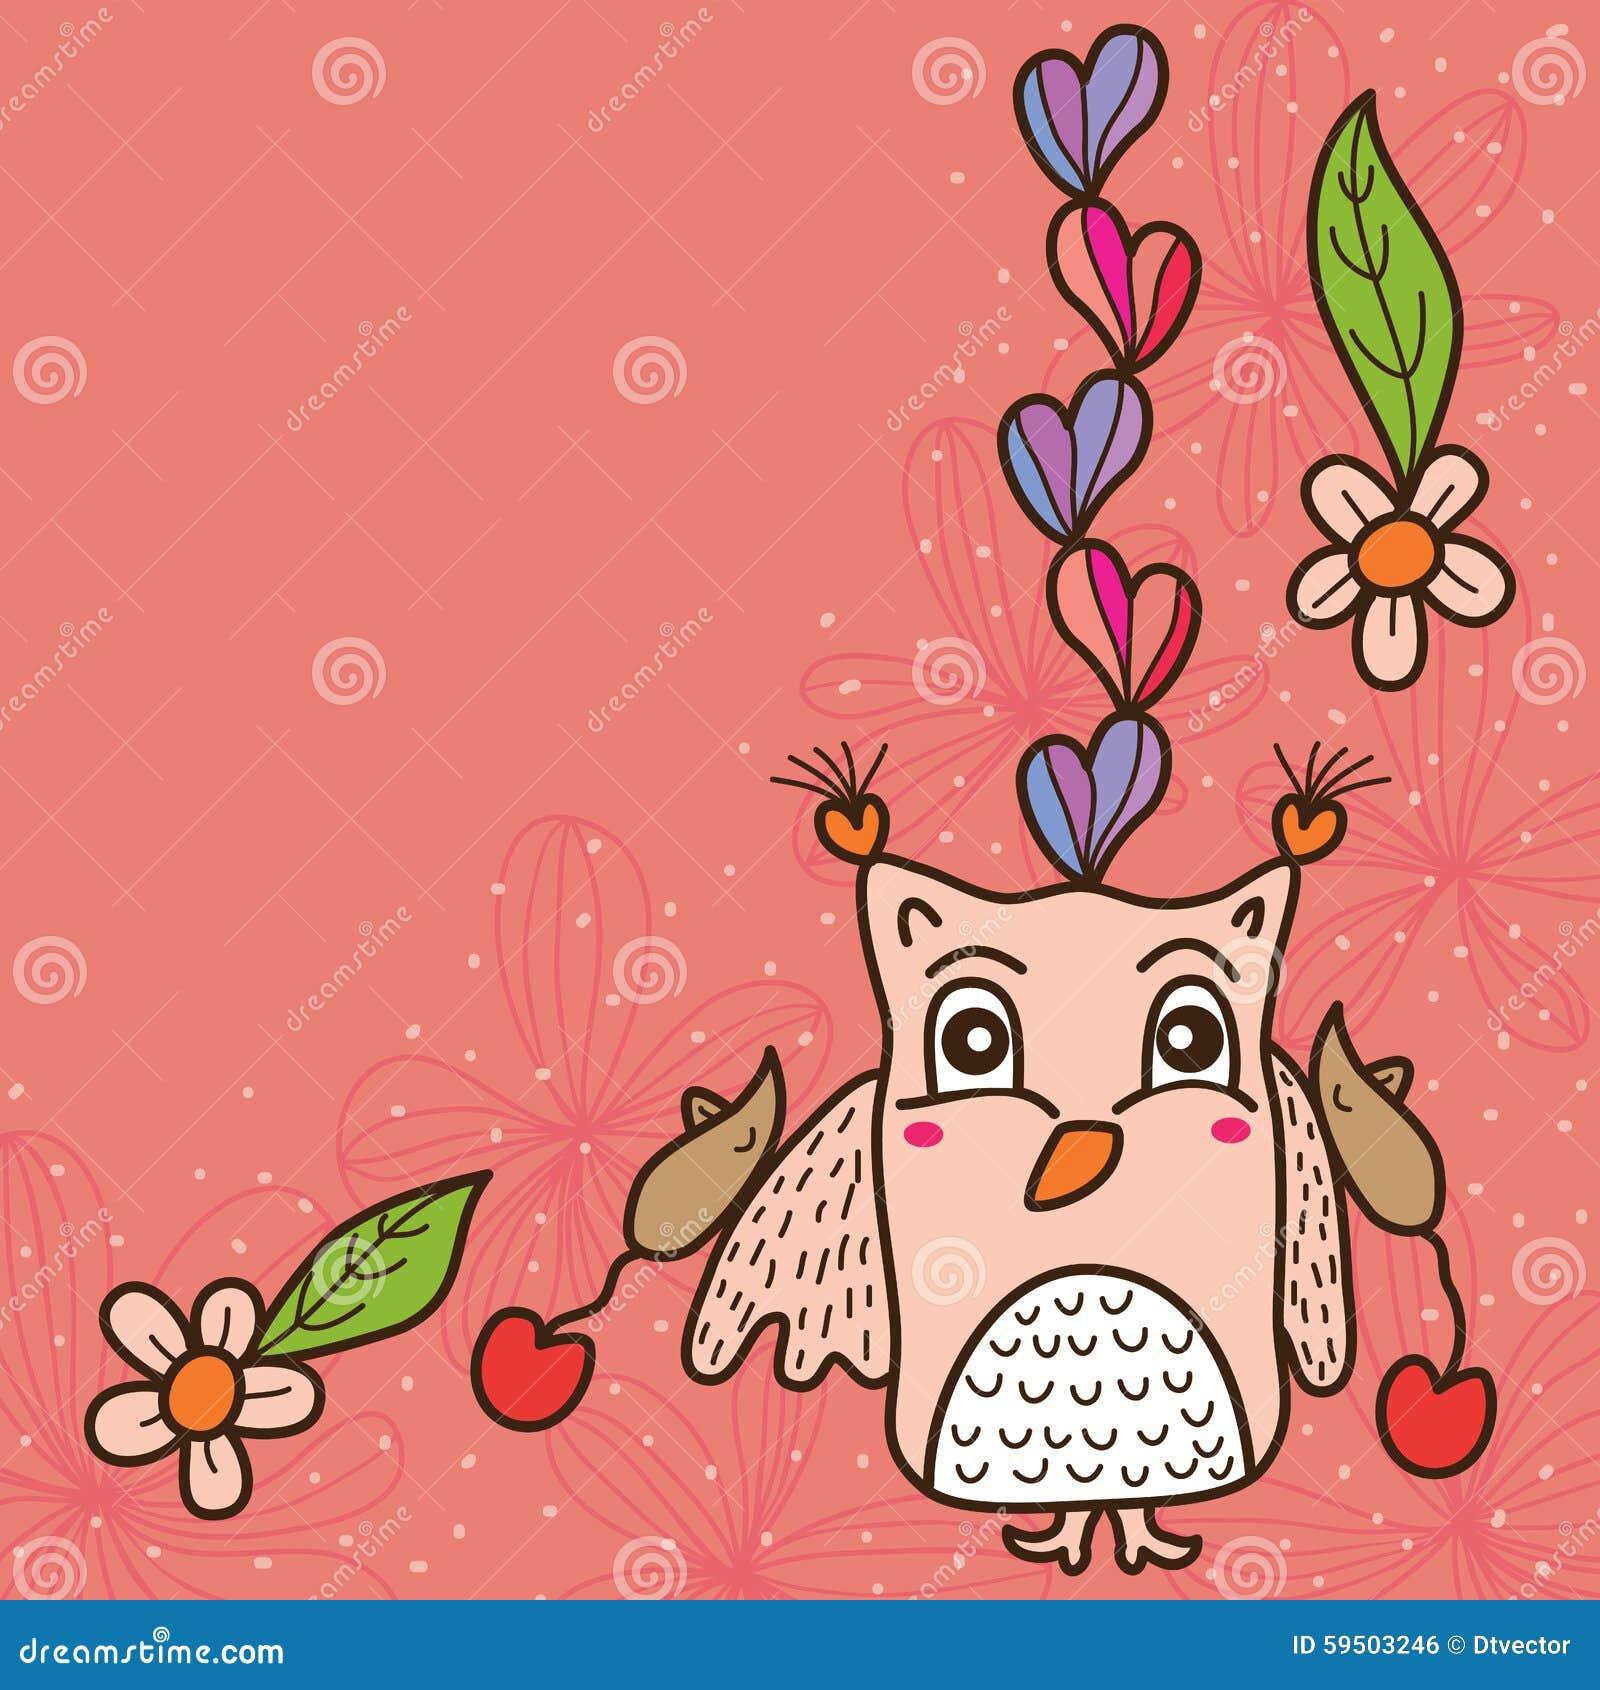 Owl Love Cute Mouse Card Stock Vector